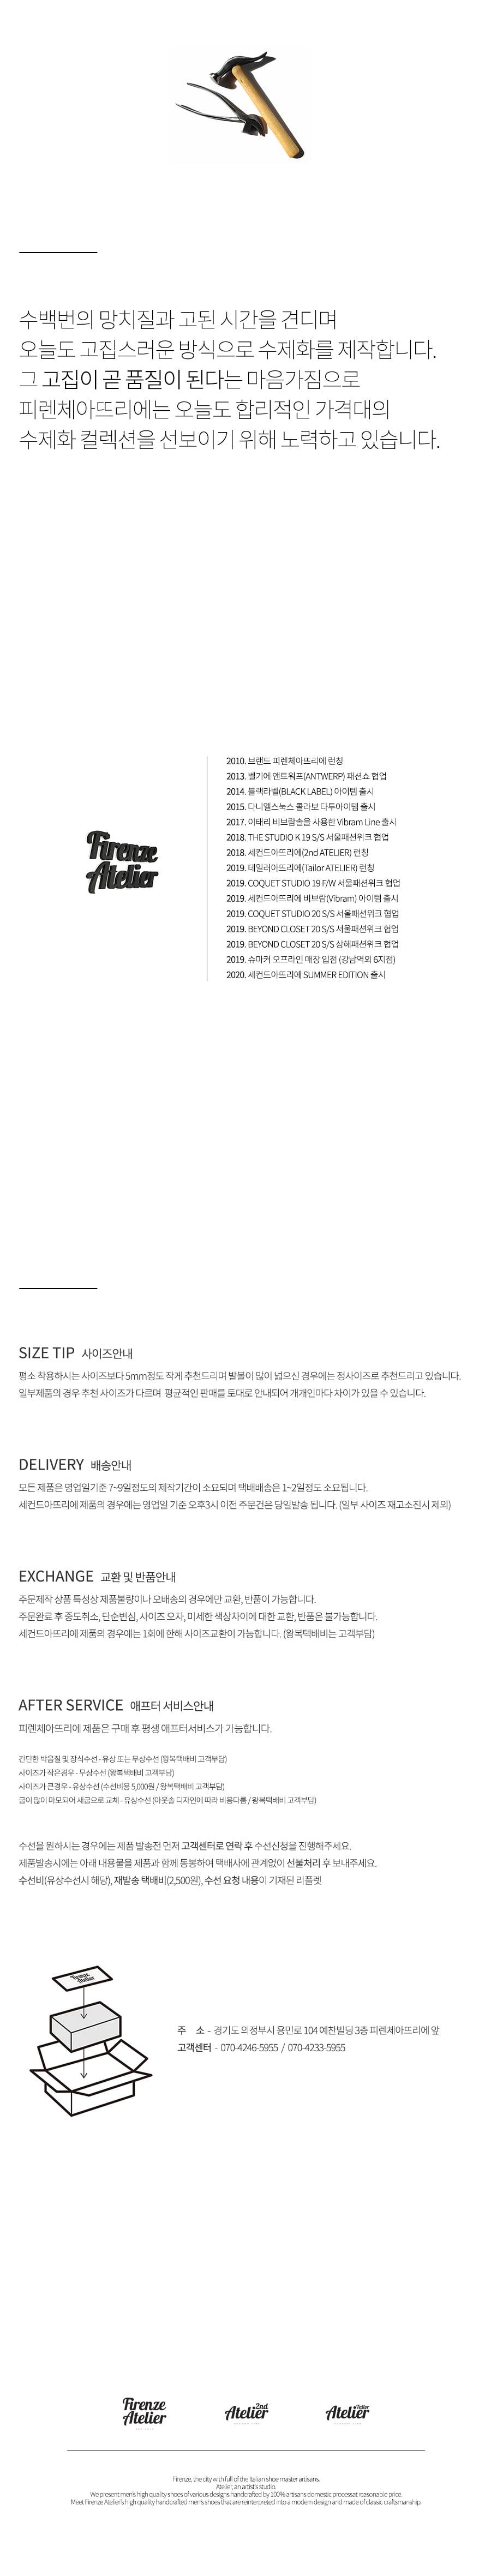 피렌체 아뜨리에(FIRENZE ATELIER) 2nd Atelier 매트블랙 코만도솔 모크슈즈 2NDF 500B